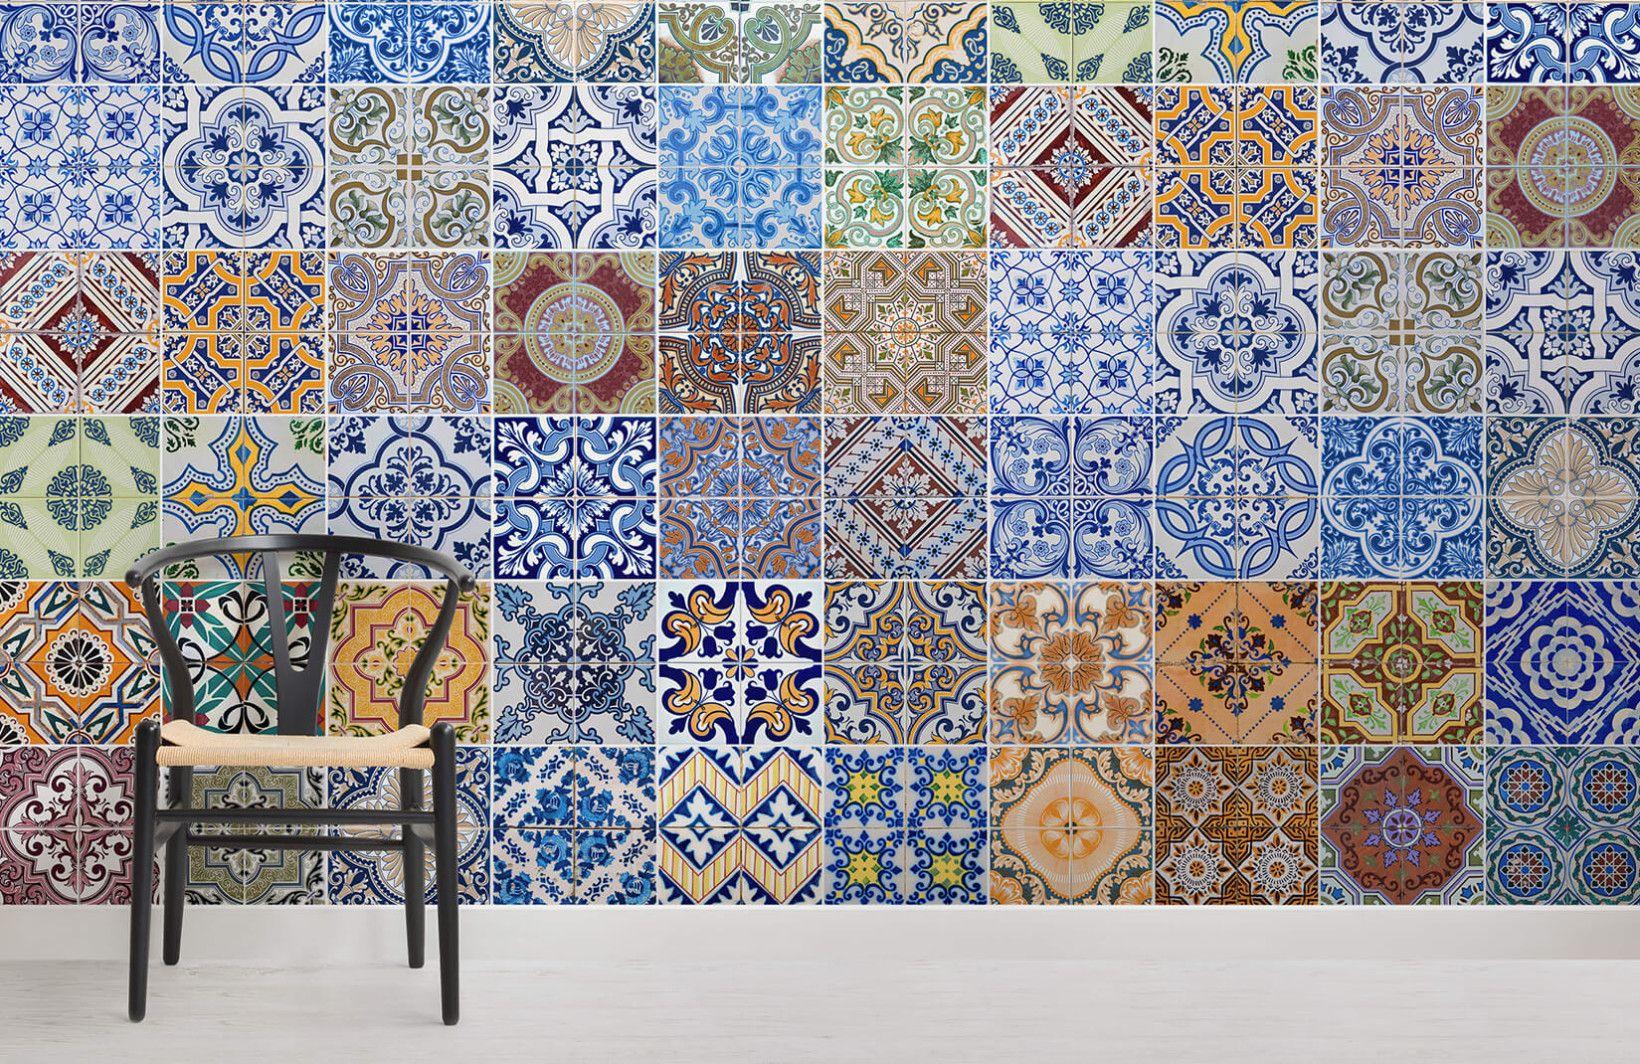 Patterned Tile Wallpaper Mural Tile wallpaper, Tile